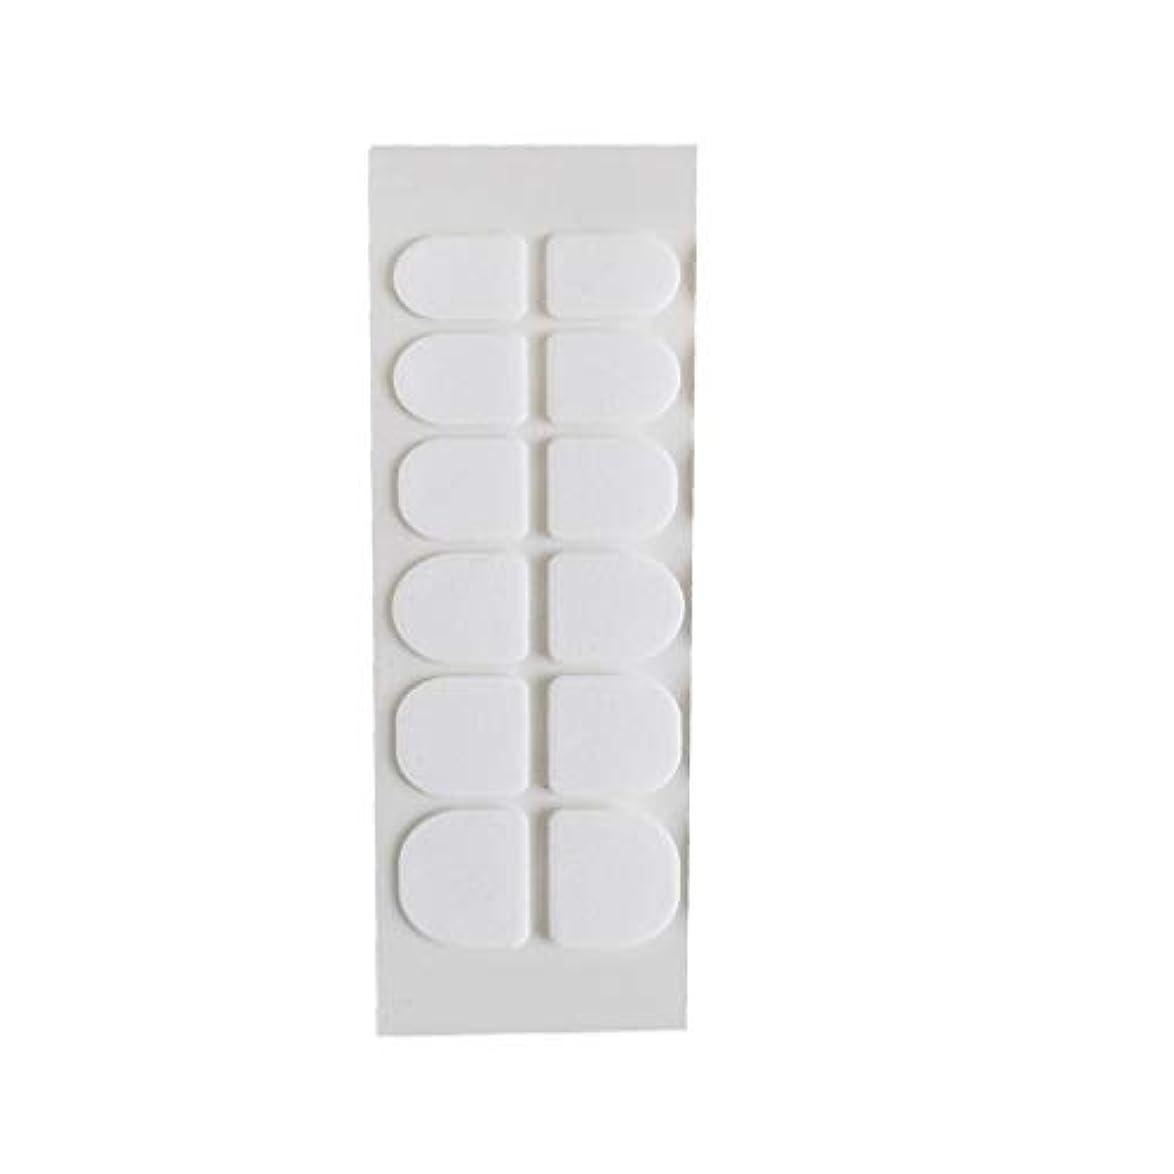 歯車コイン折り目Posmant マニキュア 偽の爪 ゼリー 両面接着剤 環境に優しい 透明 目に見えない ネイルクリップ接着剤 ウェアラブルアーマー スーパースティッキー 透明 24個 5PCS 複数の色 選択できます 便利な